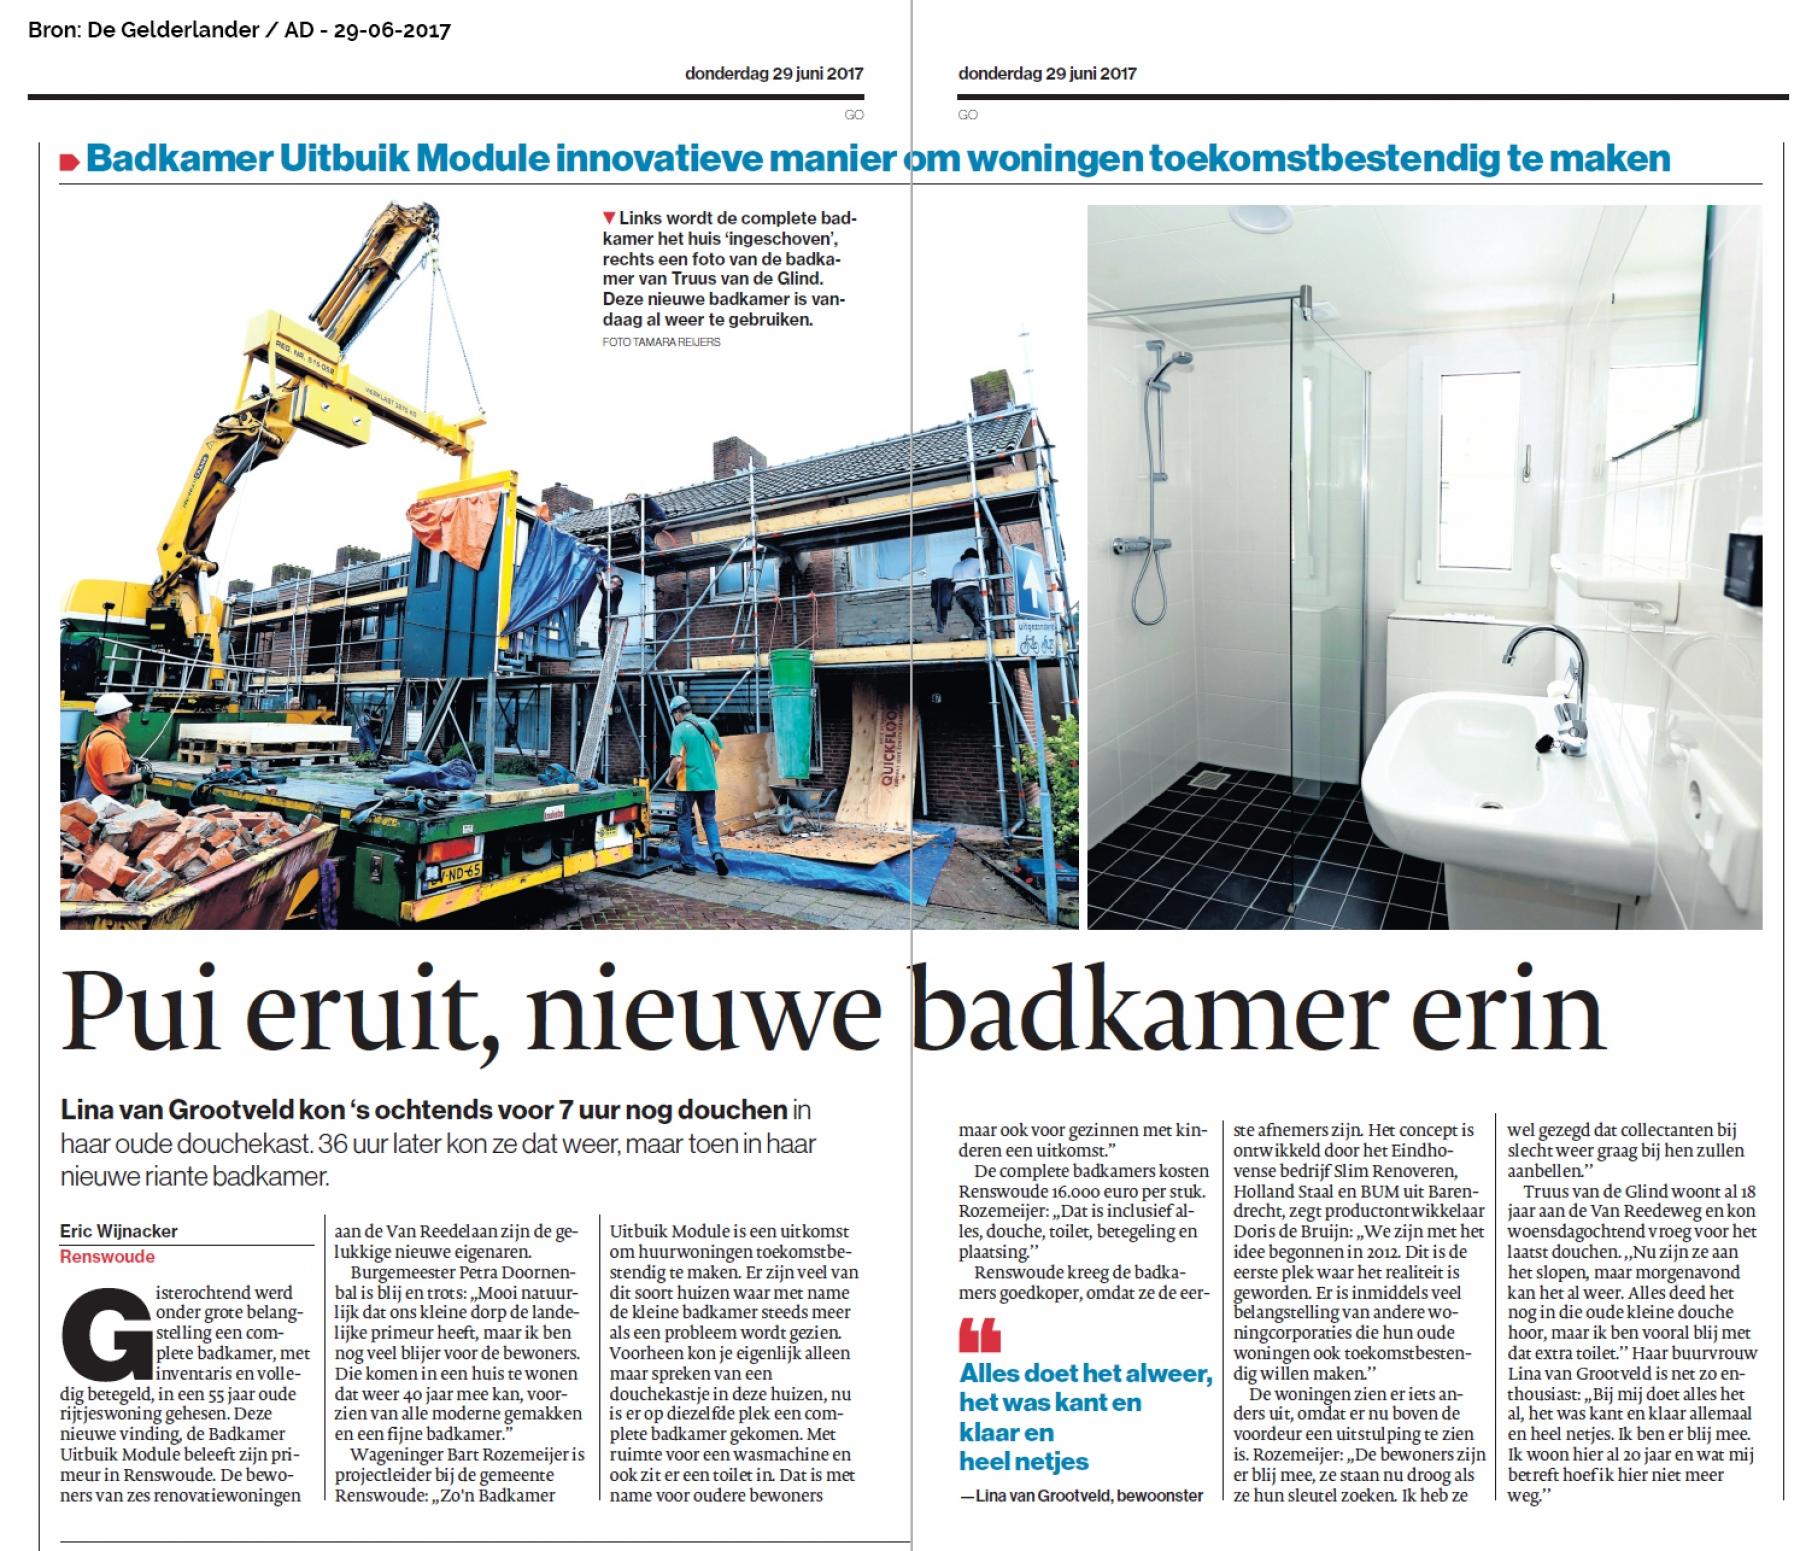 SlimRenoveren.nl > Ontwikkeling BUM